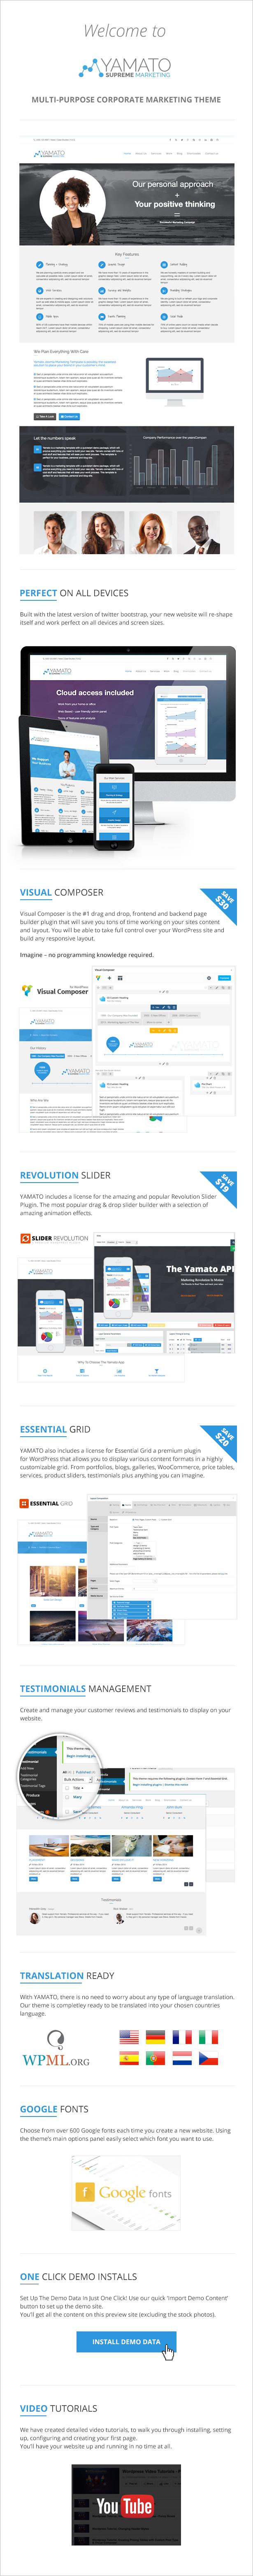 YAMATO - Corporate Marketing WordPress Theme - 9